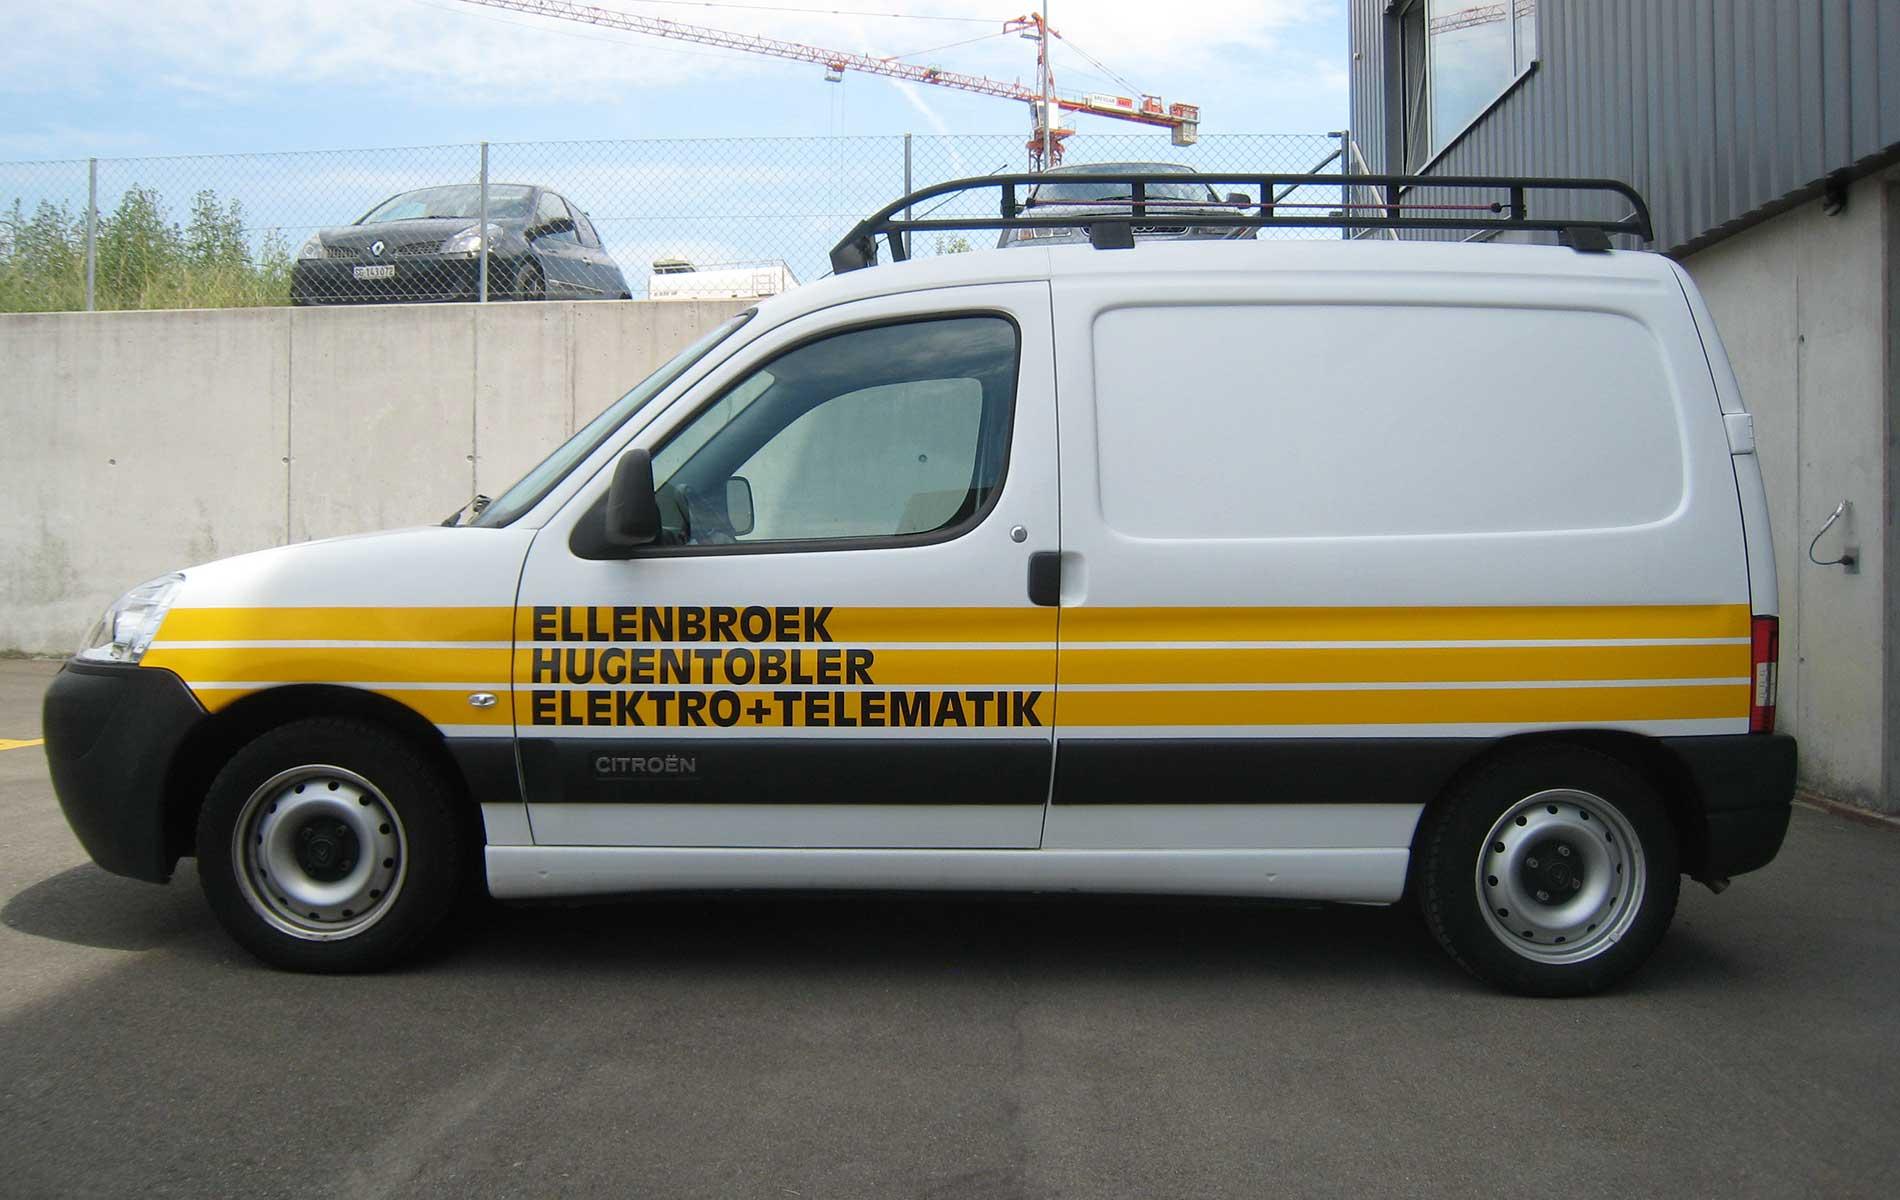 Fahrzeug von Ellenbroek Hugentobler mit Folienbeschriftung